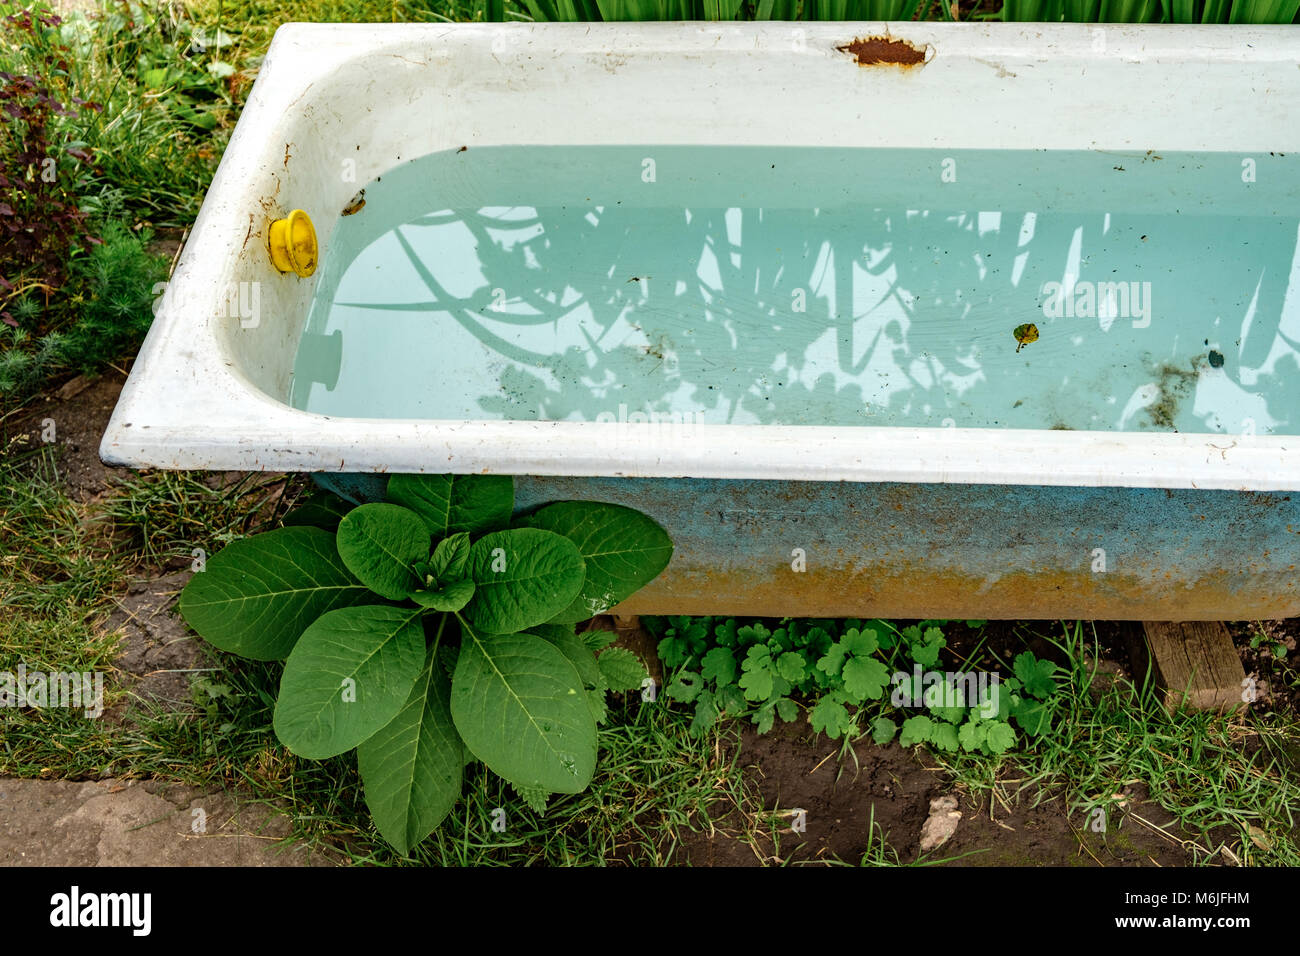 Génial Que Faire Avec Une Vieille Baignoire vieille baignoire avec de l'eau propre dans le jardin privé banque d